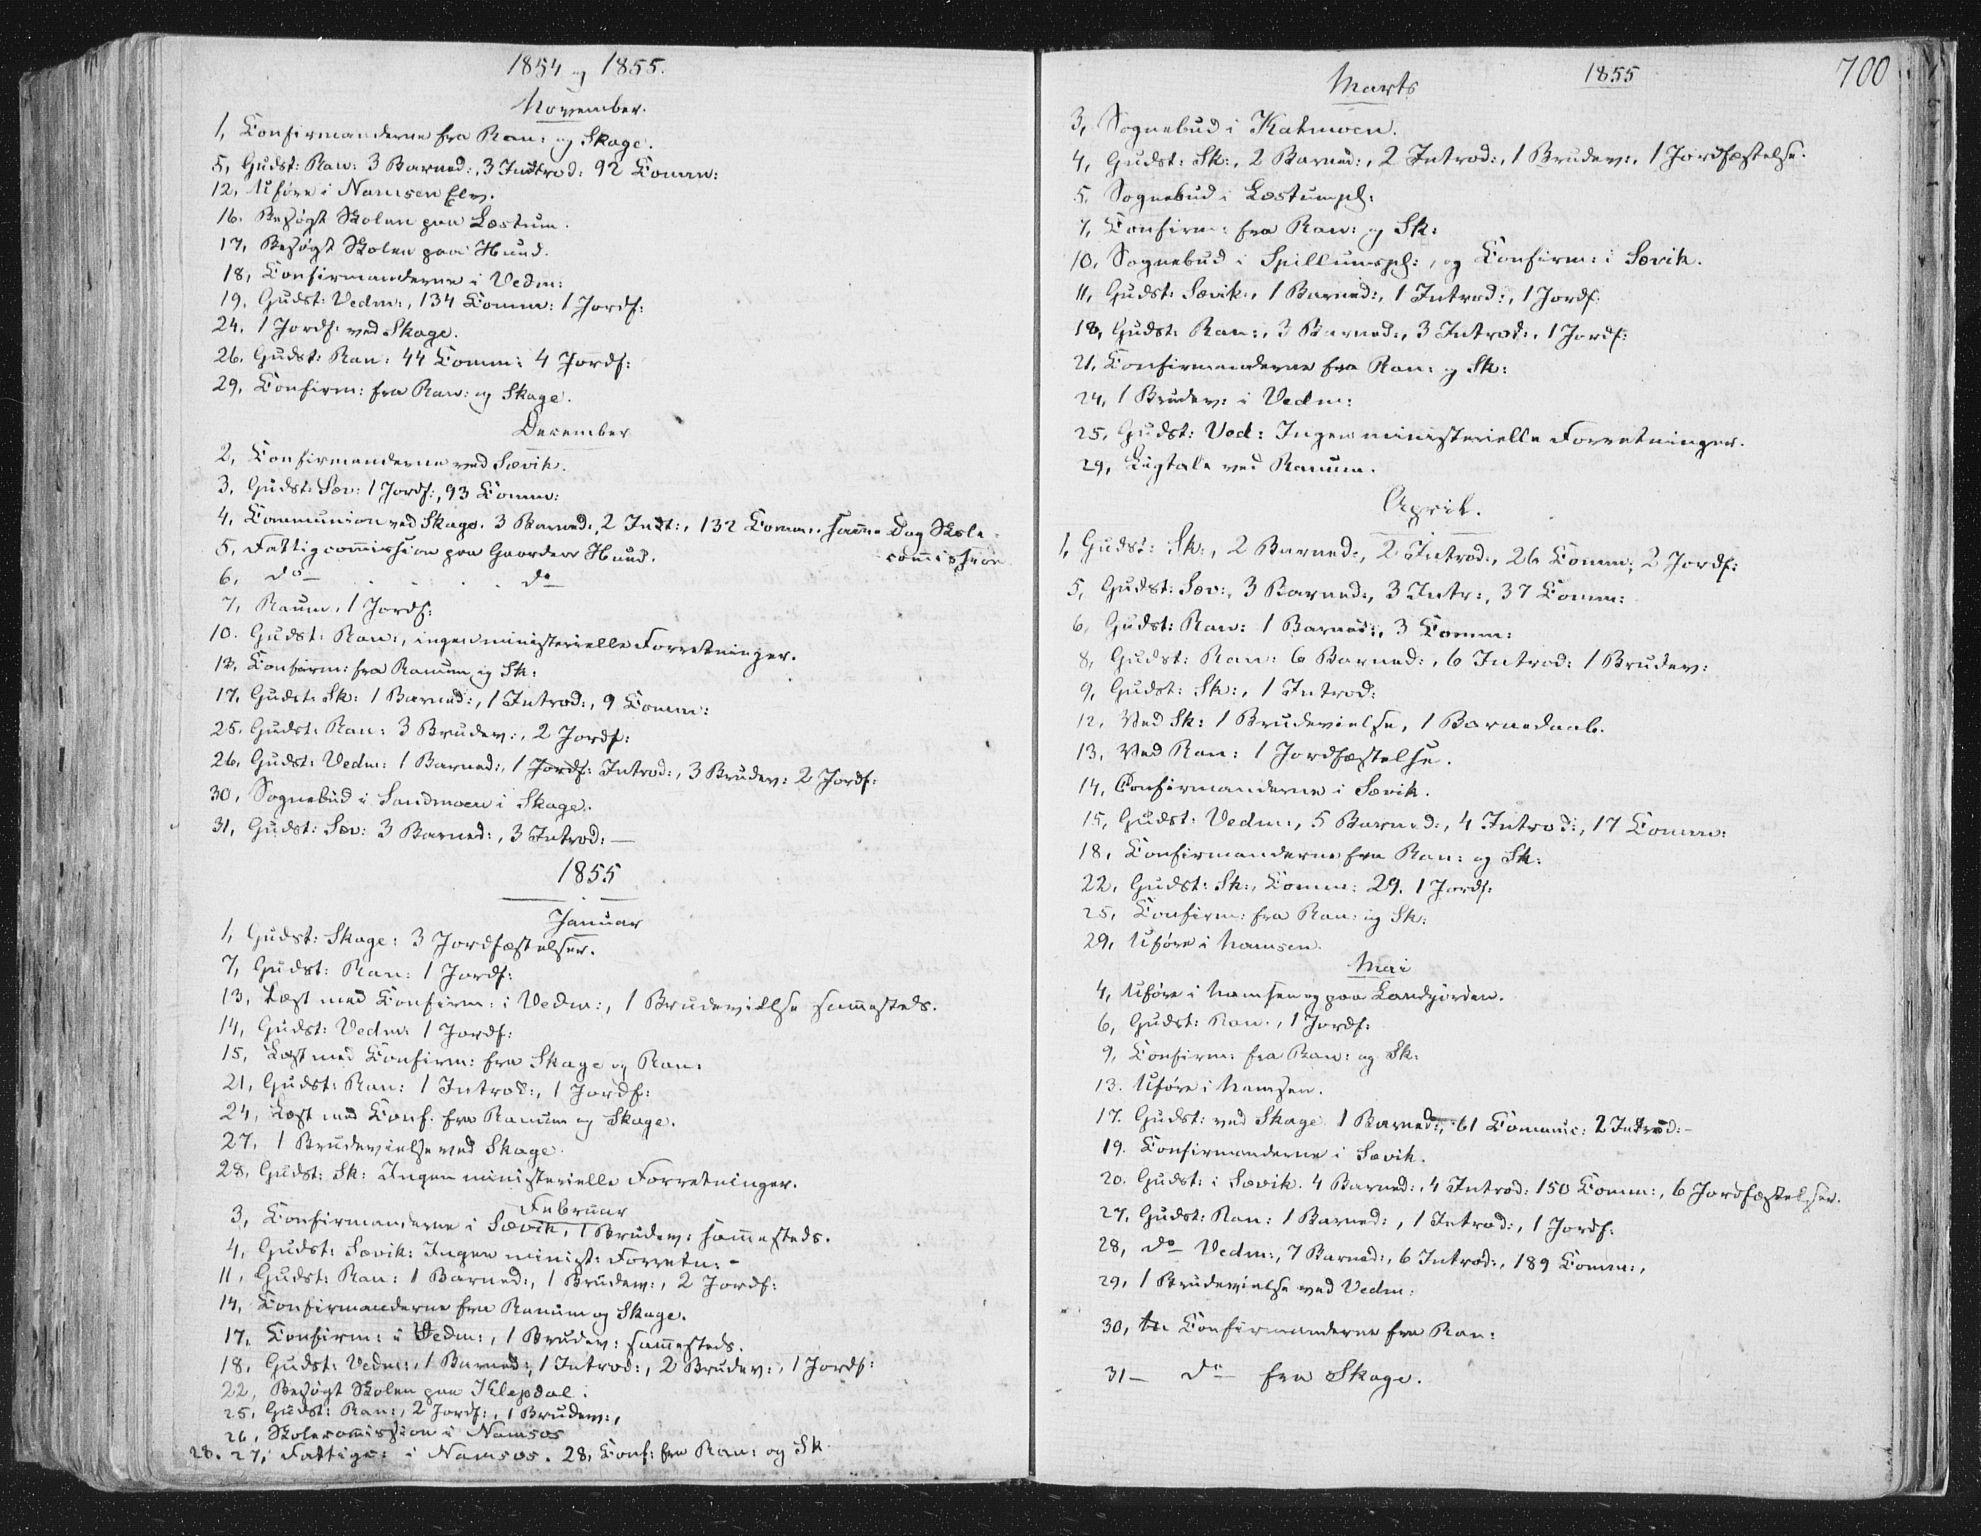 SAT, Ministerialprotokoller, klokkerbøker og fødselsregistre - Nord-Trøndelag, 764/L0552: Ministerialbok nr. 764A07b, 1824-1865, s. 700